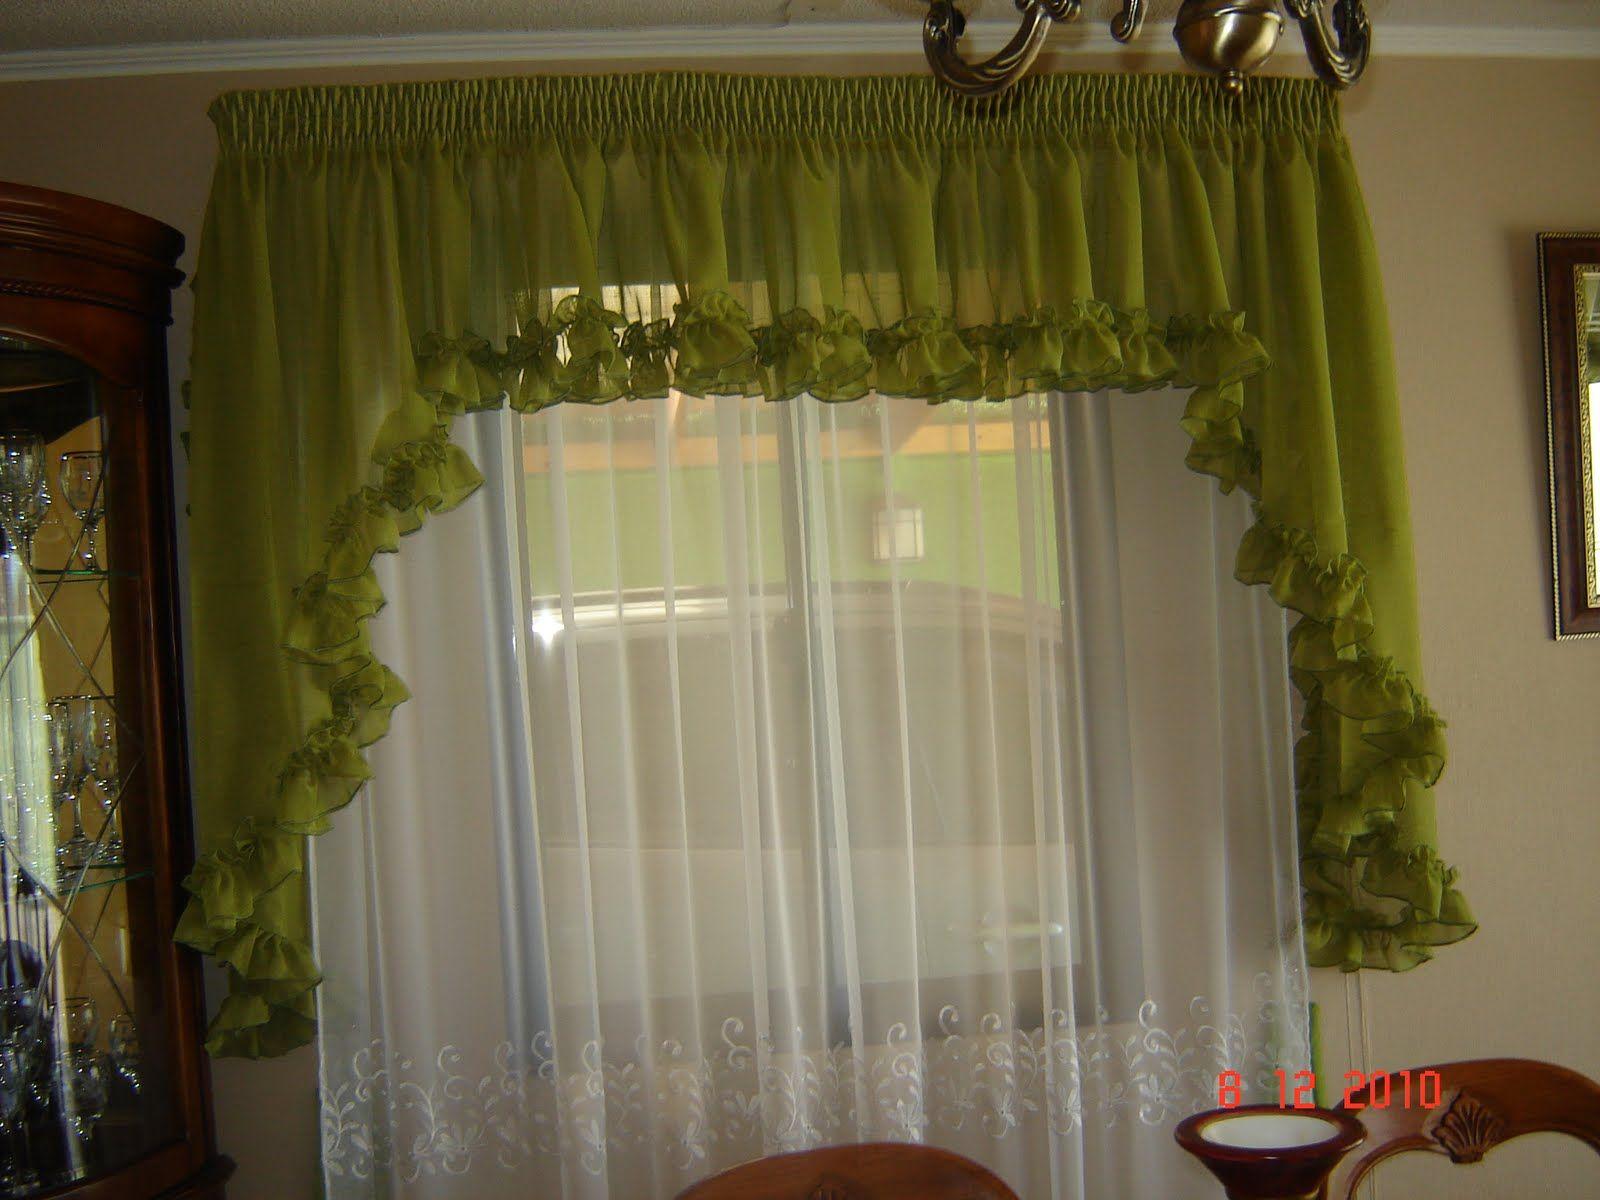 Cortinas de velo romanticas buscar con google variedades cortinas cenefas para cortinas y Cortinas romanticas